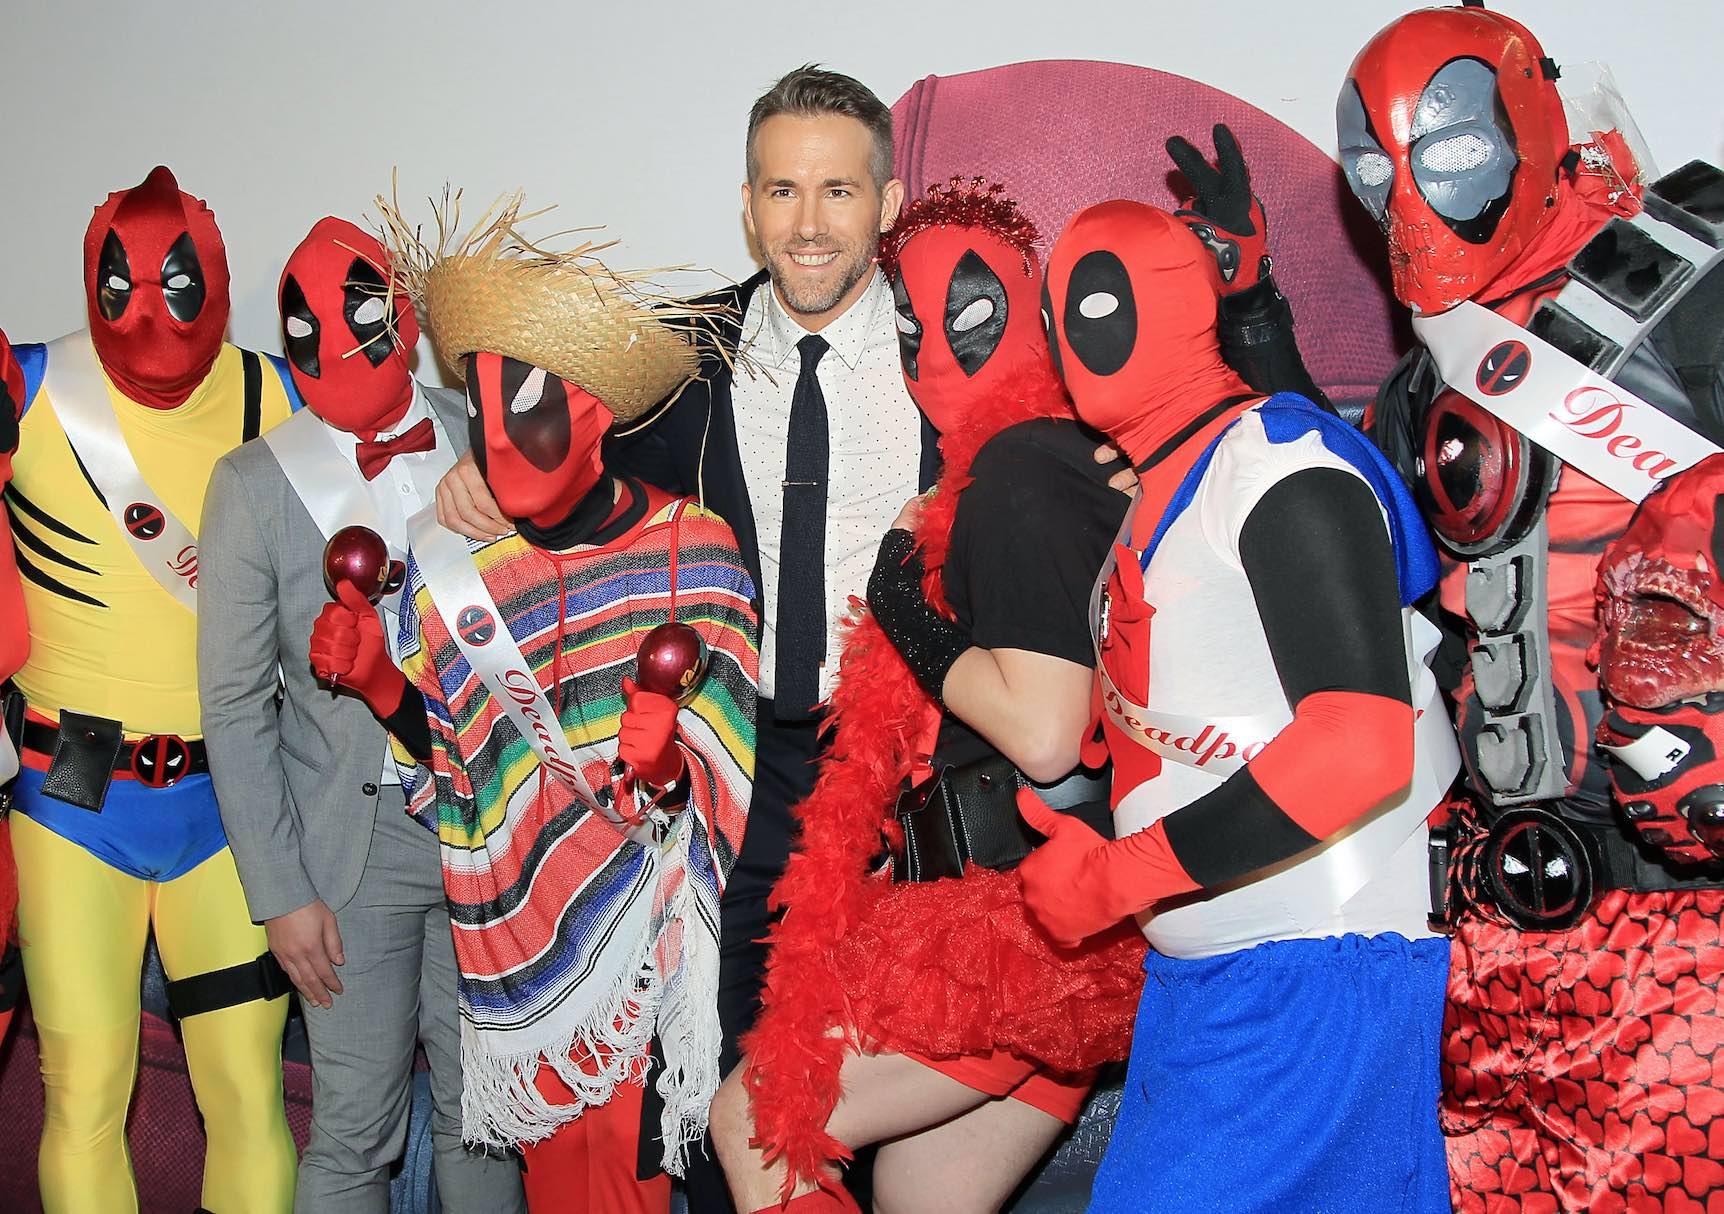 Ryan Reynolds fans premiere